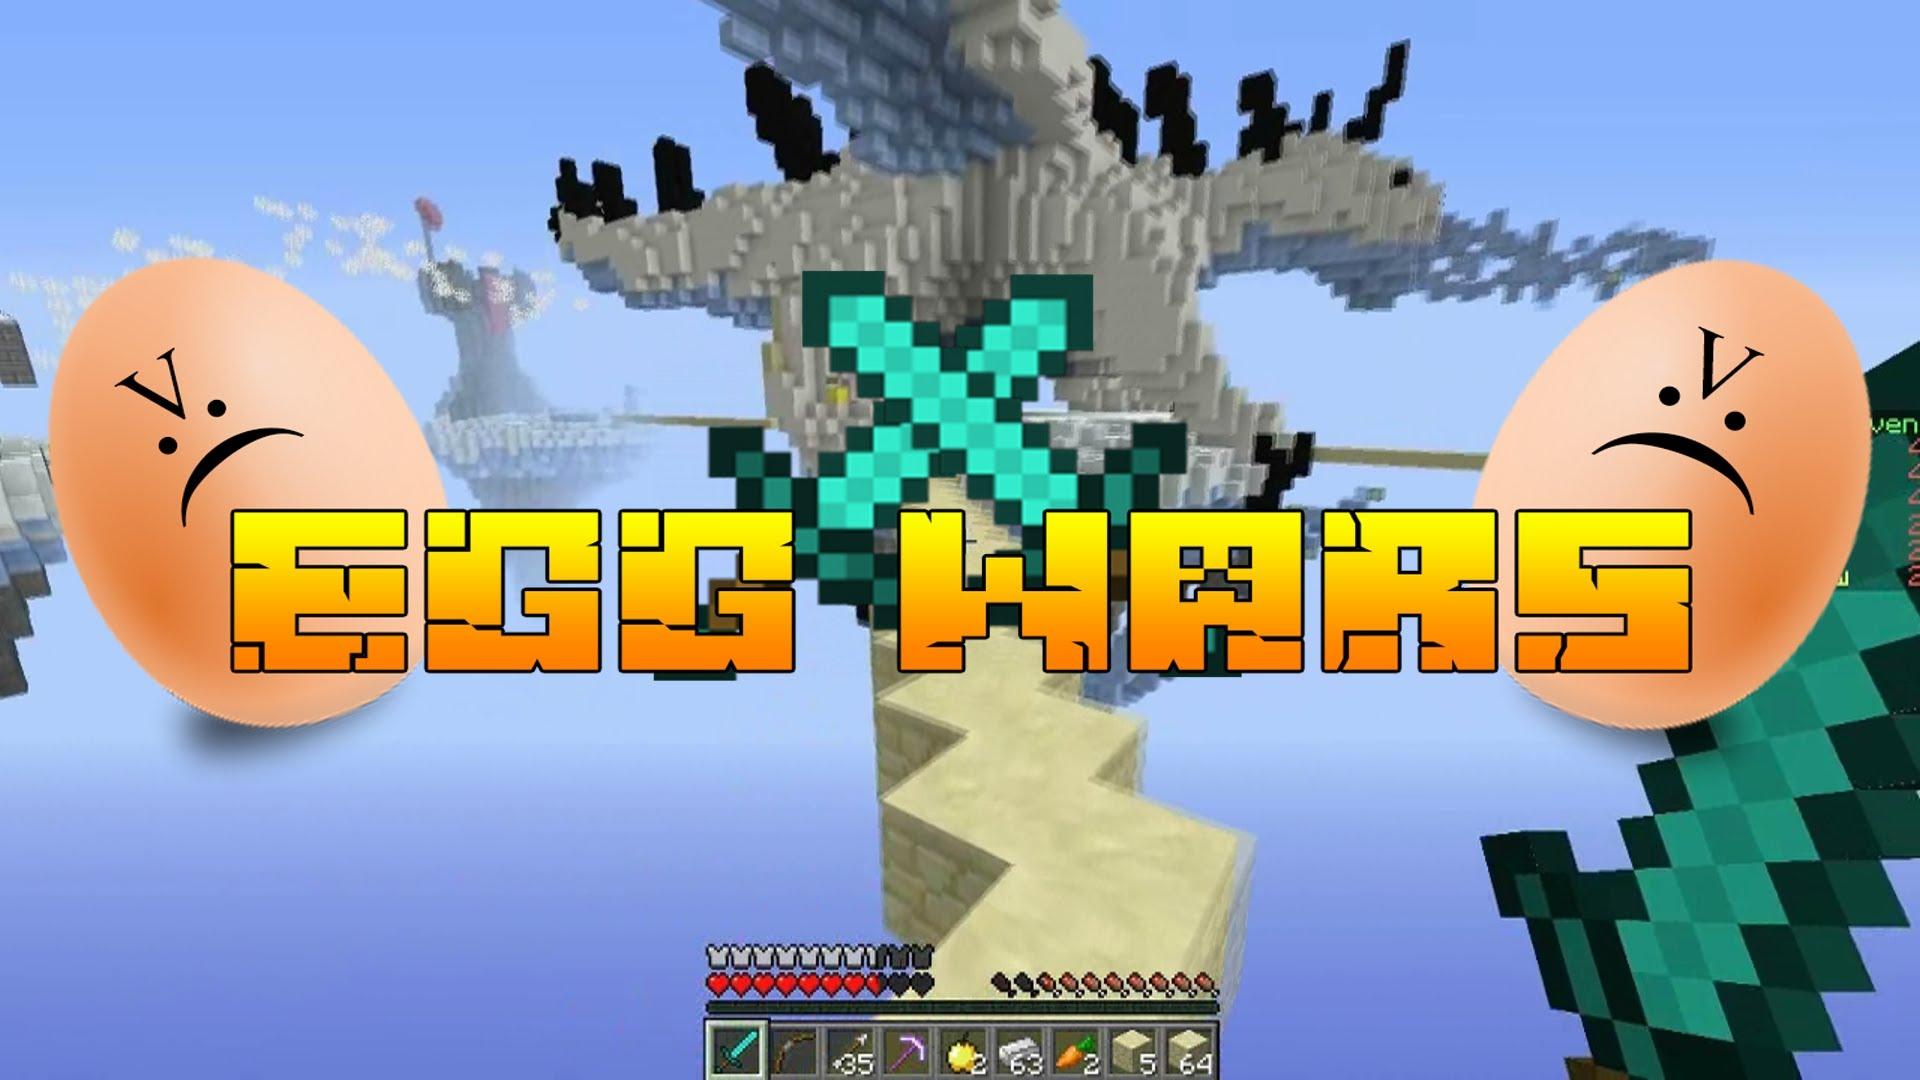 Wonderful Wallpaper Minecraft War - latest?cb\u003d20170318224324  Snapshot_345626.jpg/revision/latest?cb\u003d20170318224324